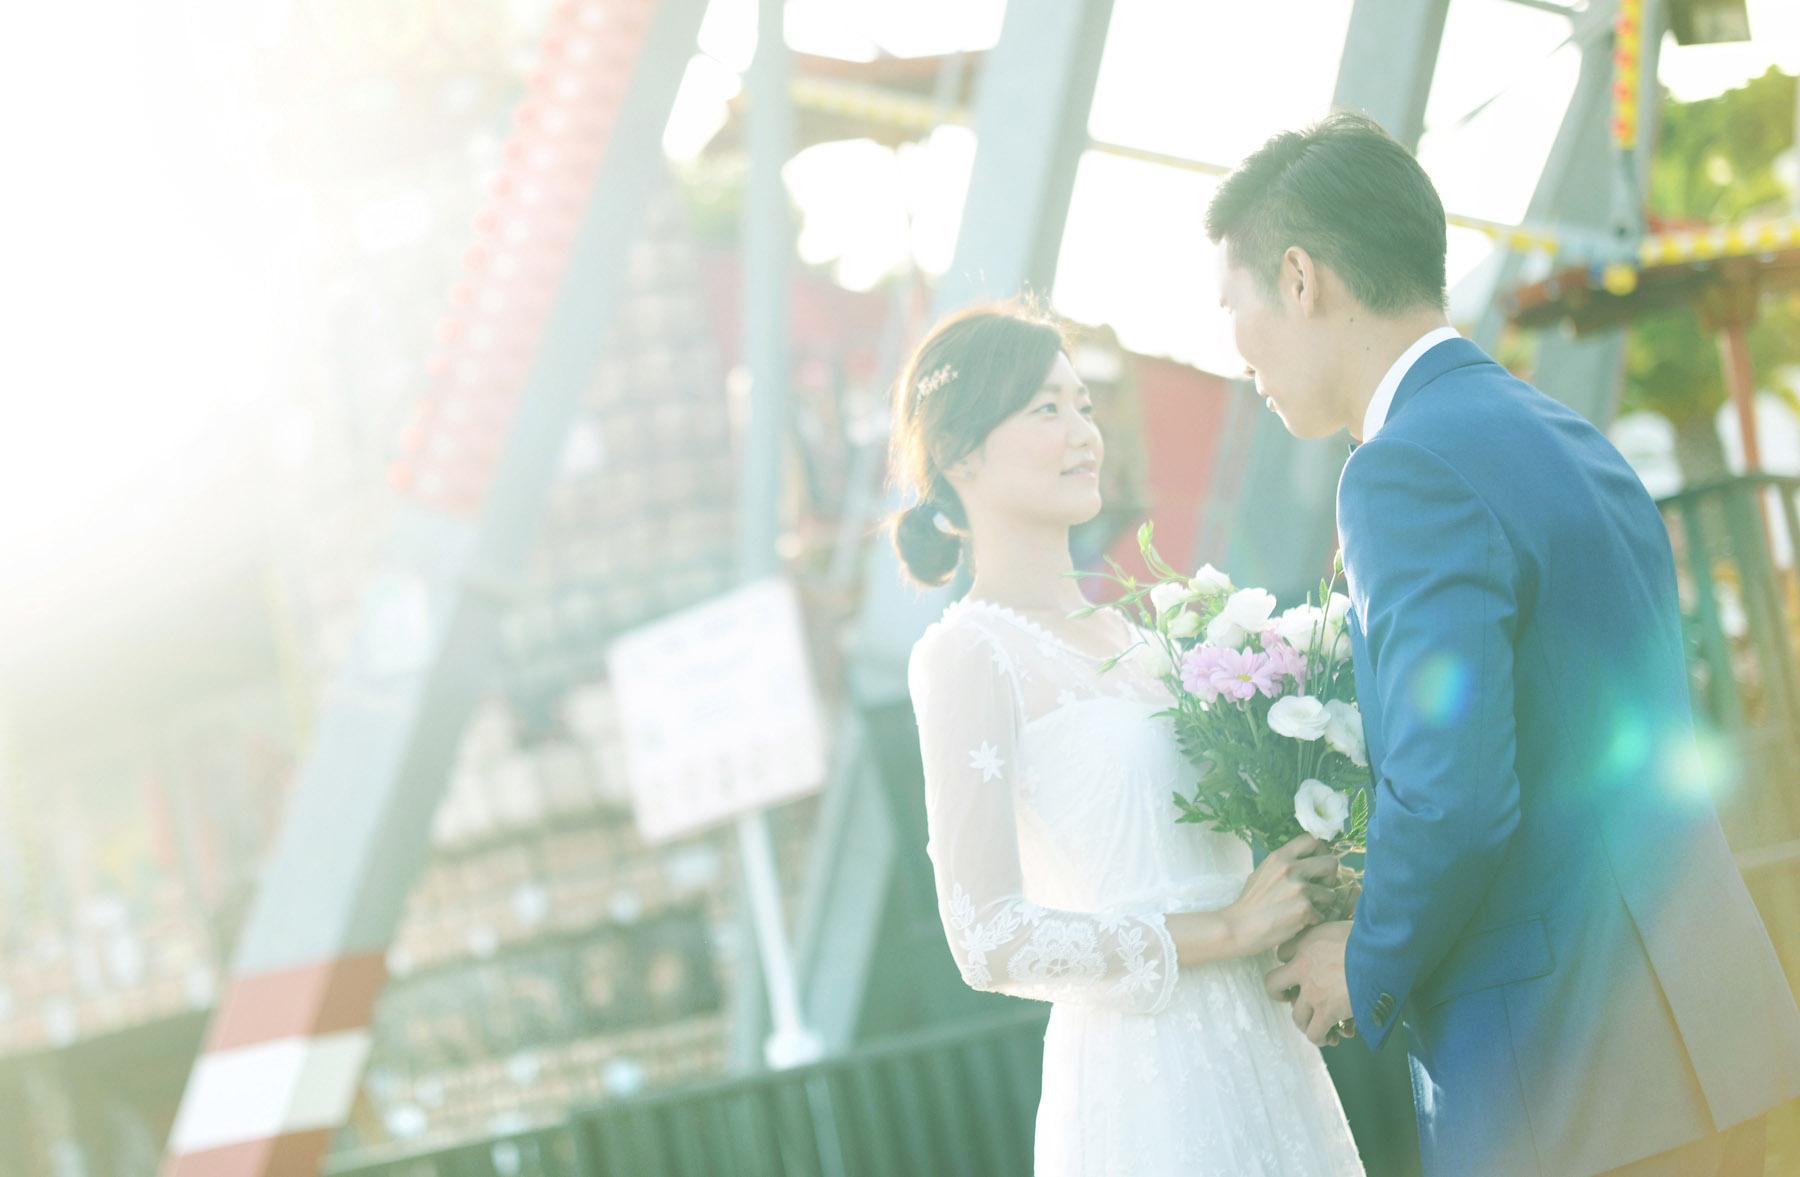 Korean couples photos